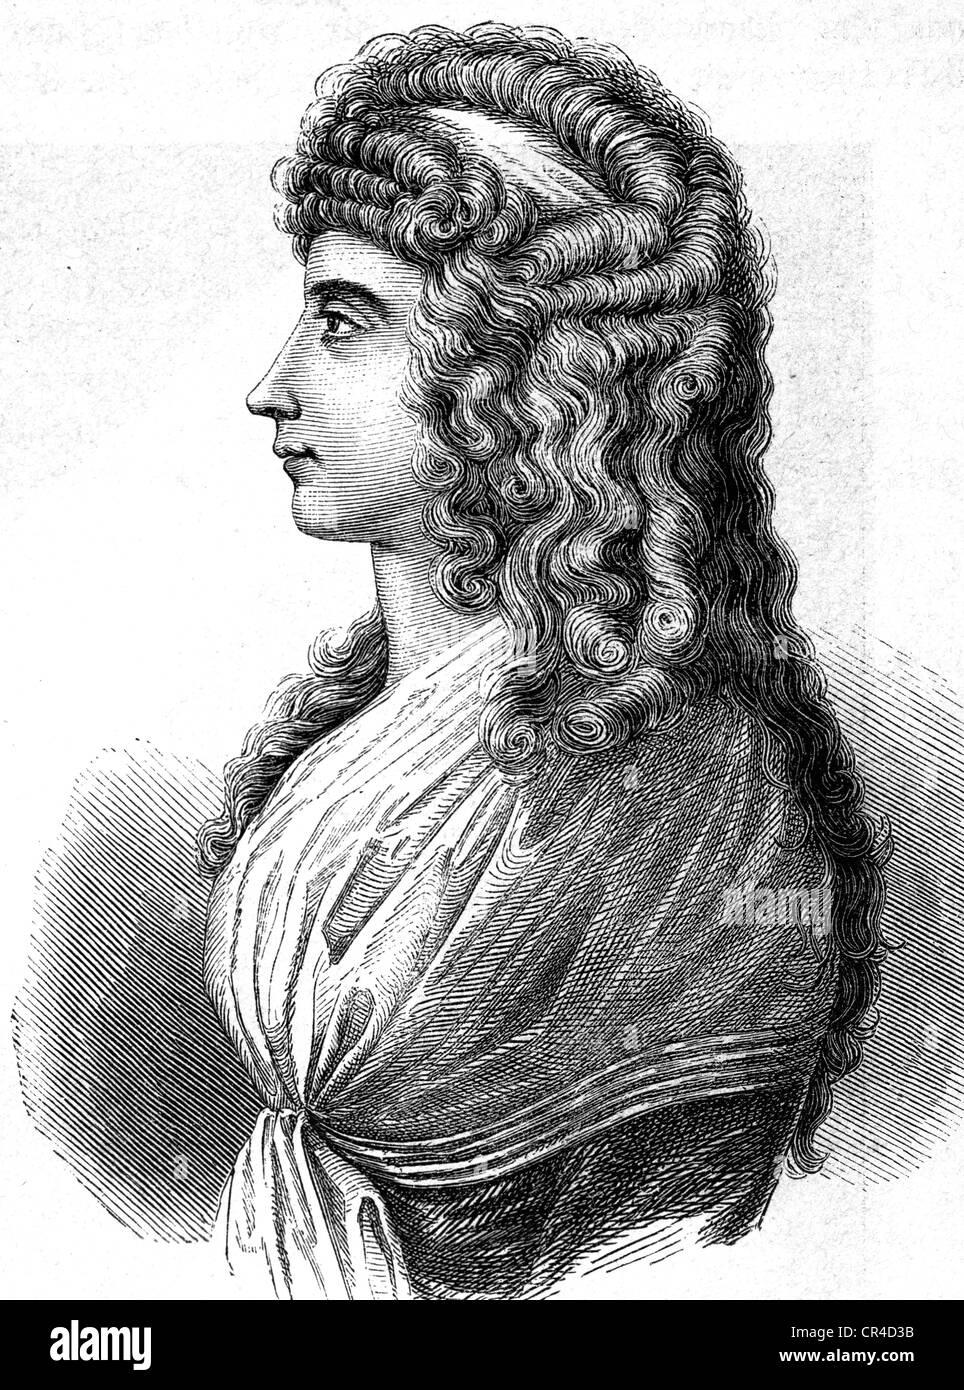 Charlotte von Stein (1742-1827), girlfriend J.W. von Goethe and Fr. Schiller, steel engraving, before 1880 - Stock Image